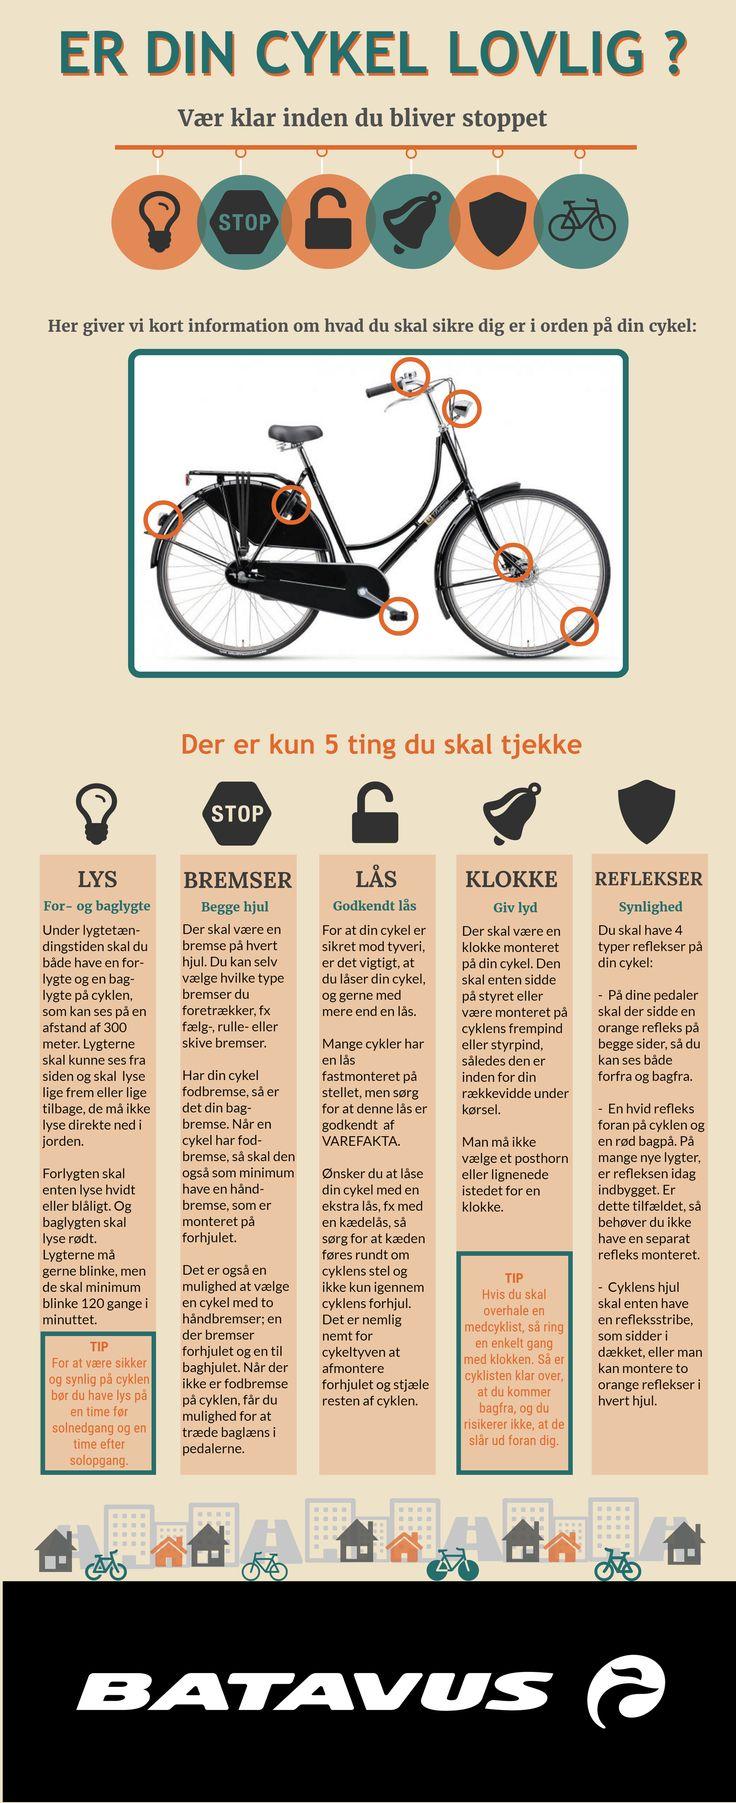 Er din cykel lovlig?